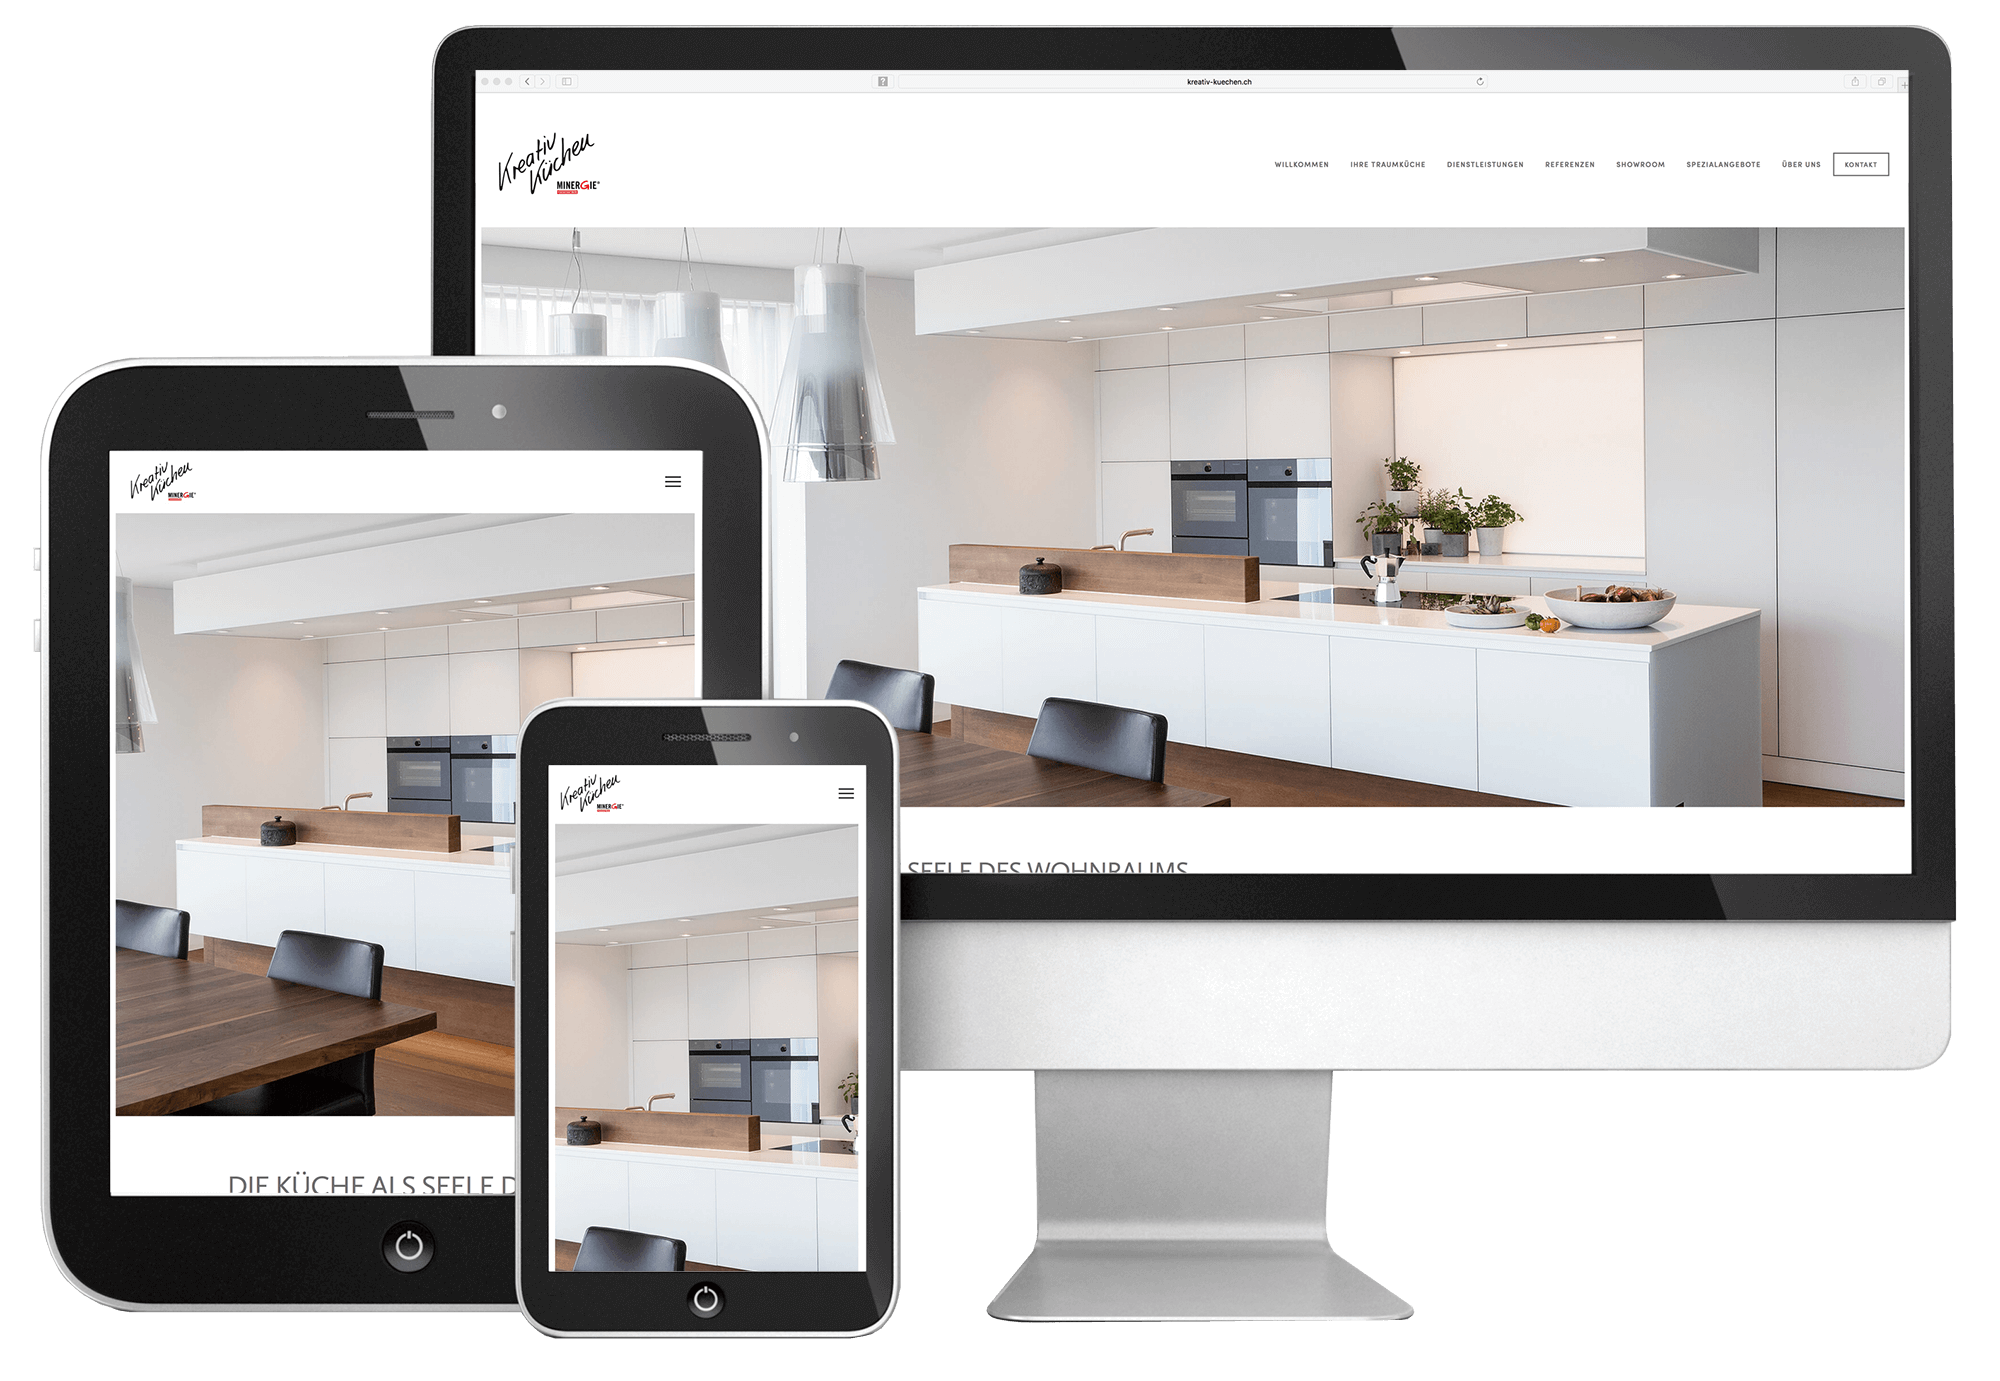 Günstiges Webdesign by 720 Grad GmbH, Agentur in Schaffhausen bei Zürich